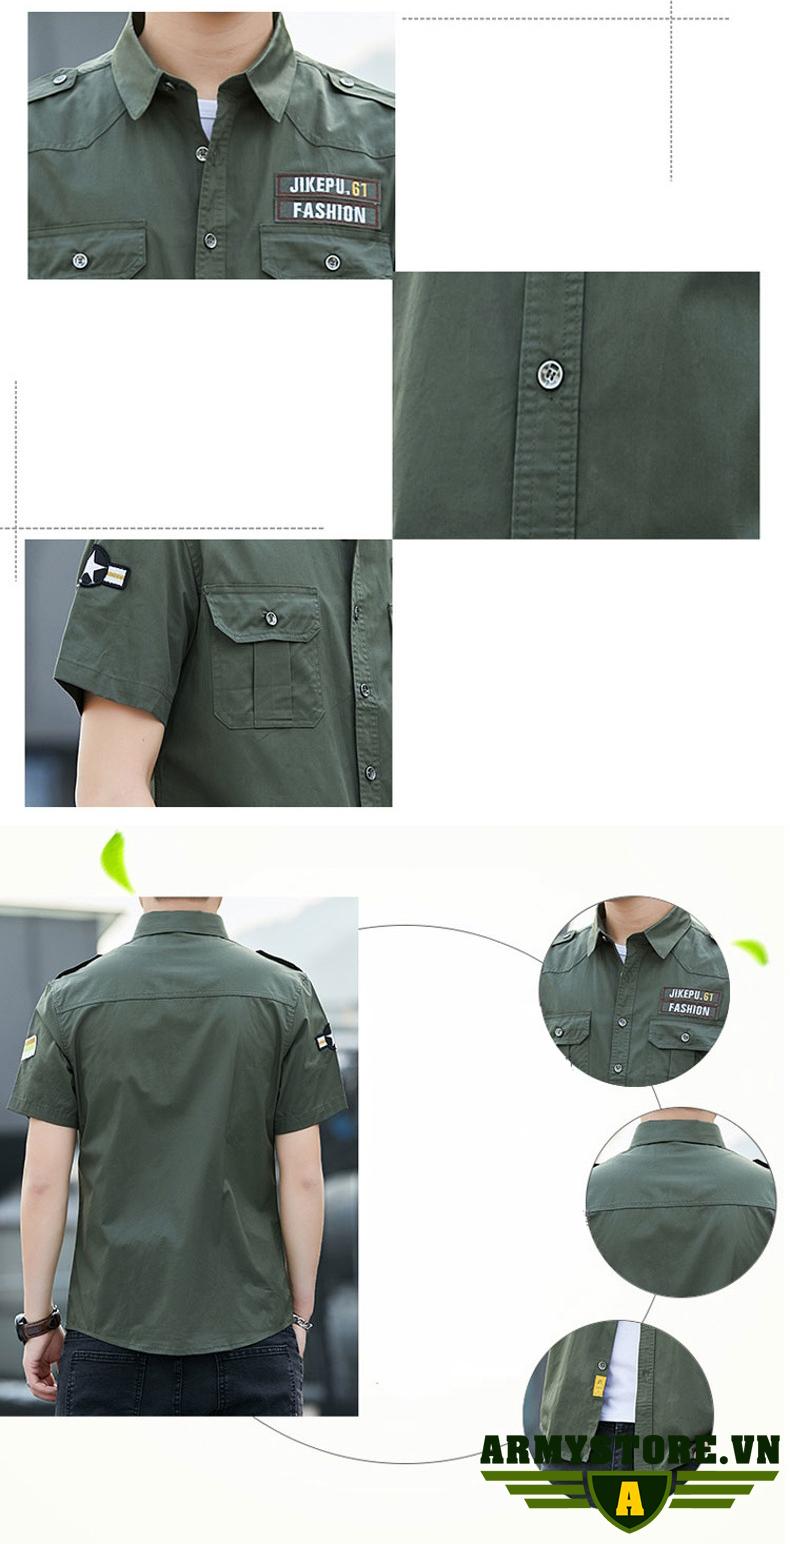 Áo sơ mi nam cộc tay phong cách lính ARM-978